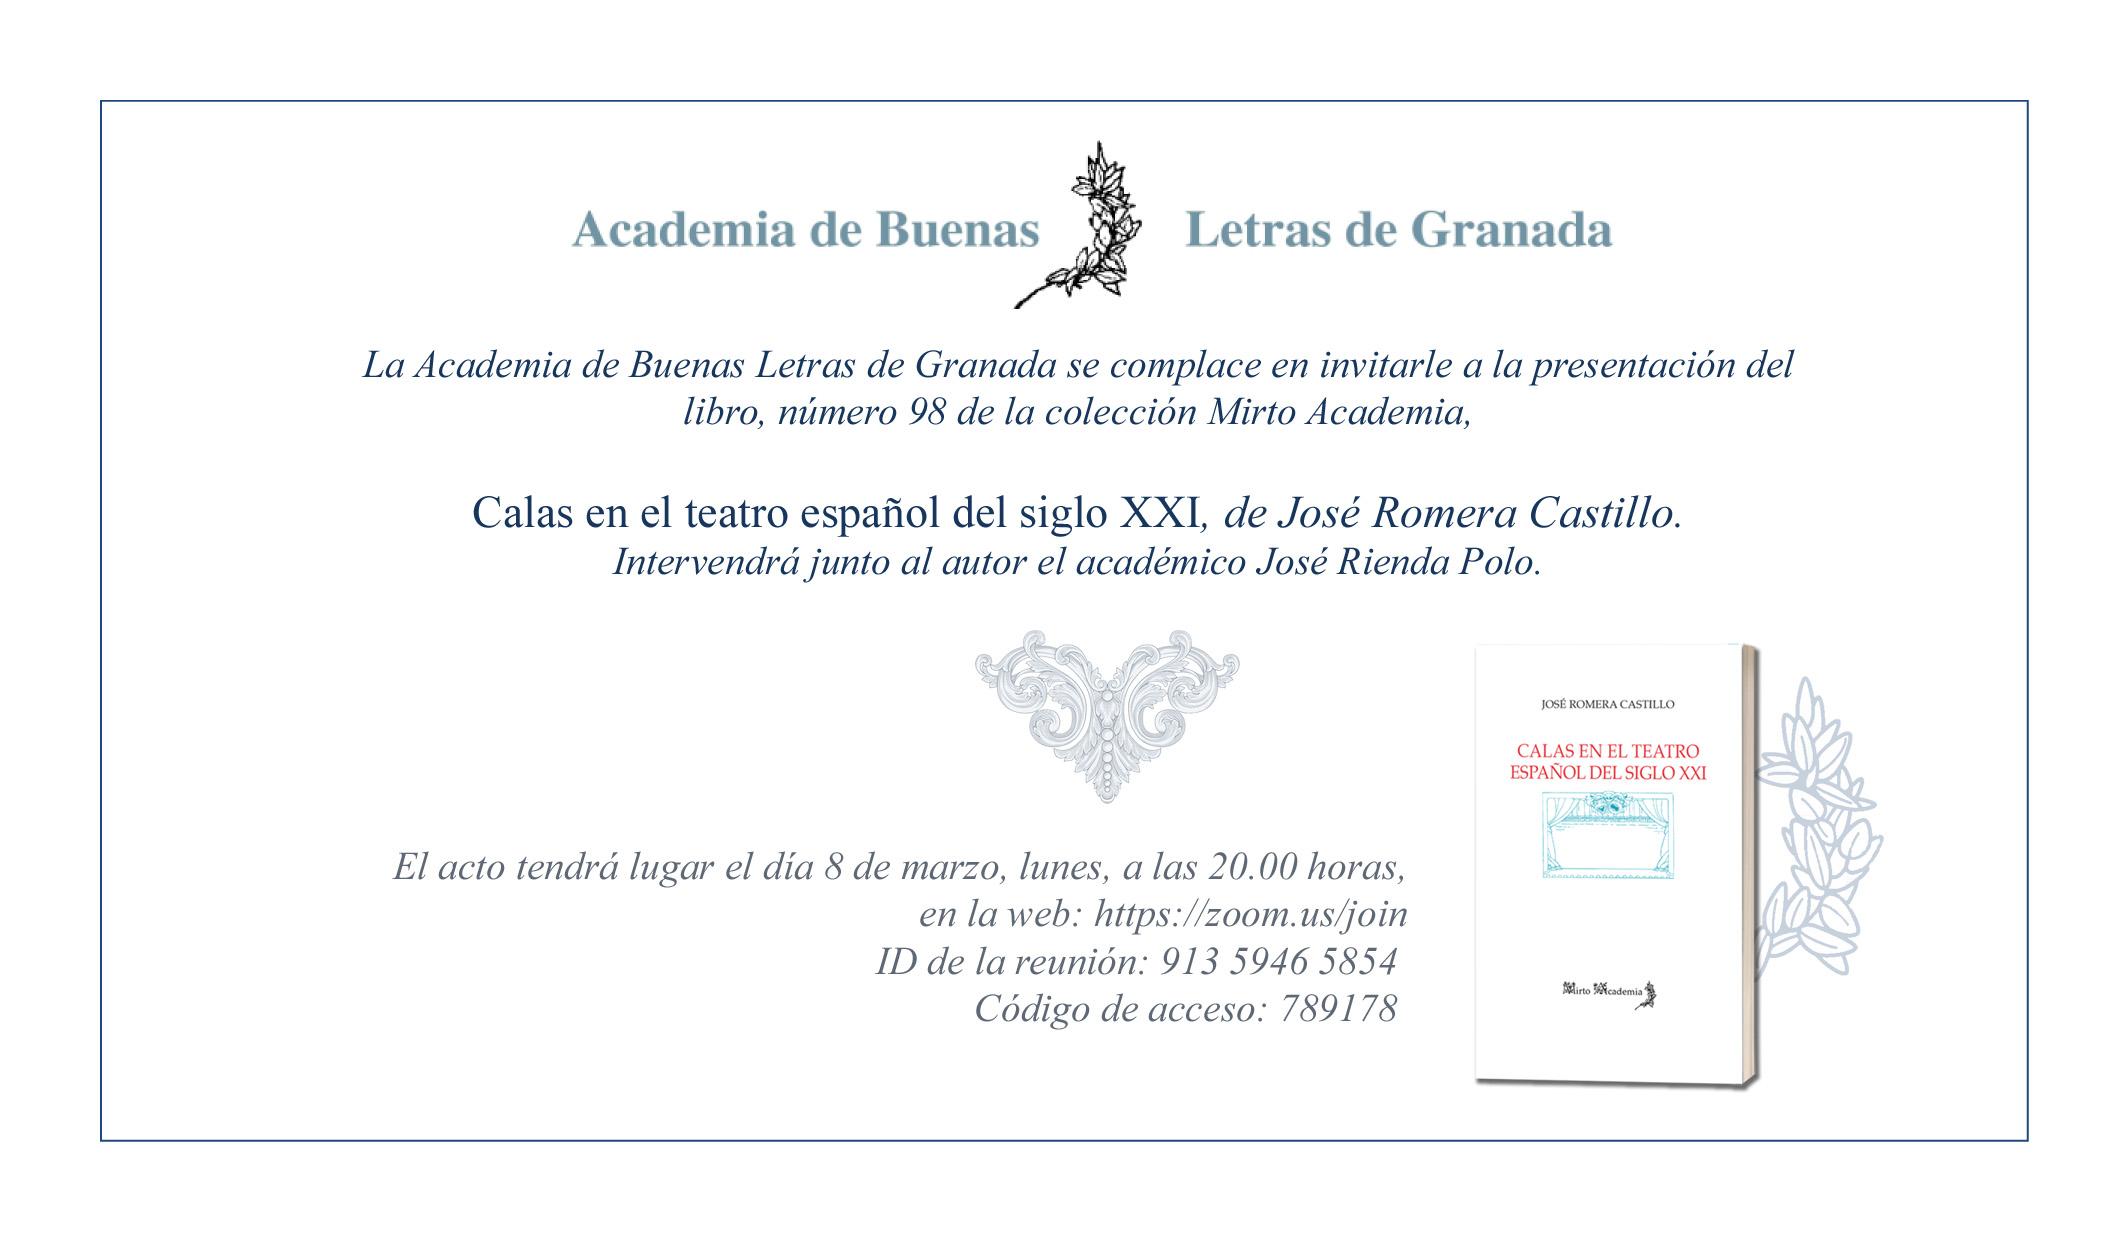 Presentación del libro Calas en el teatro español del siglo XXI de José Romera Castillo